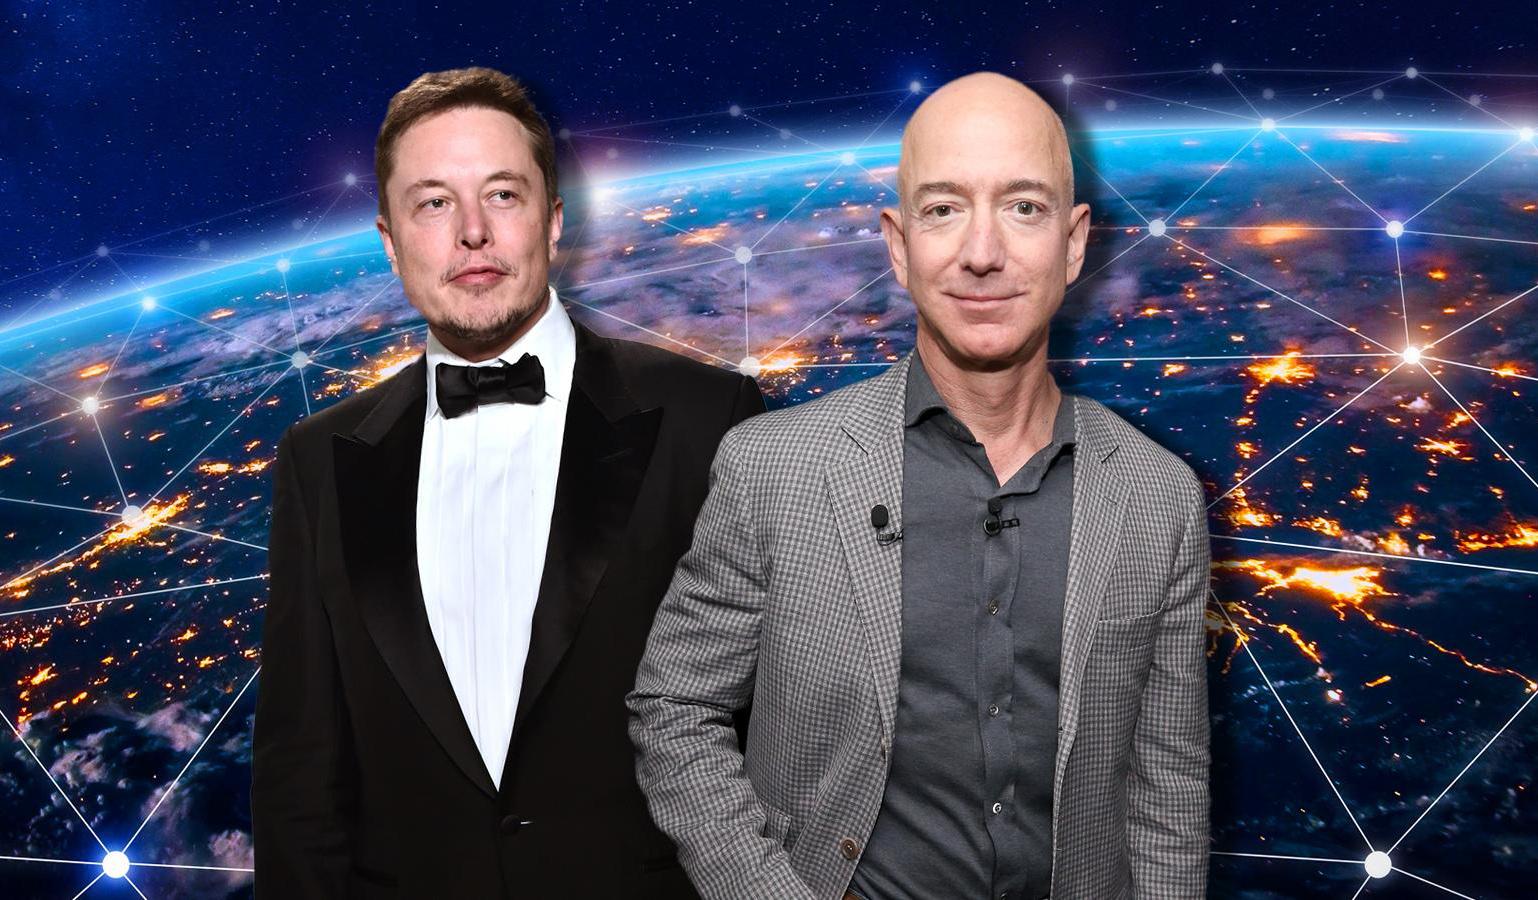 Как Илон Маск с Джеффом Безосом из-за космического интернета поссорился